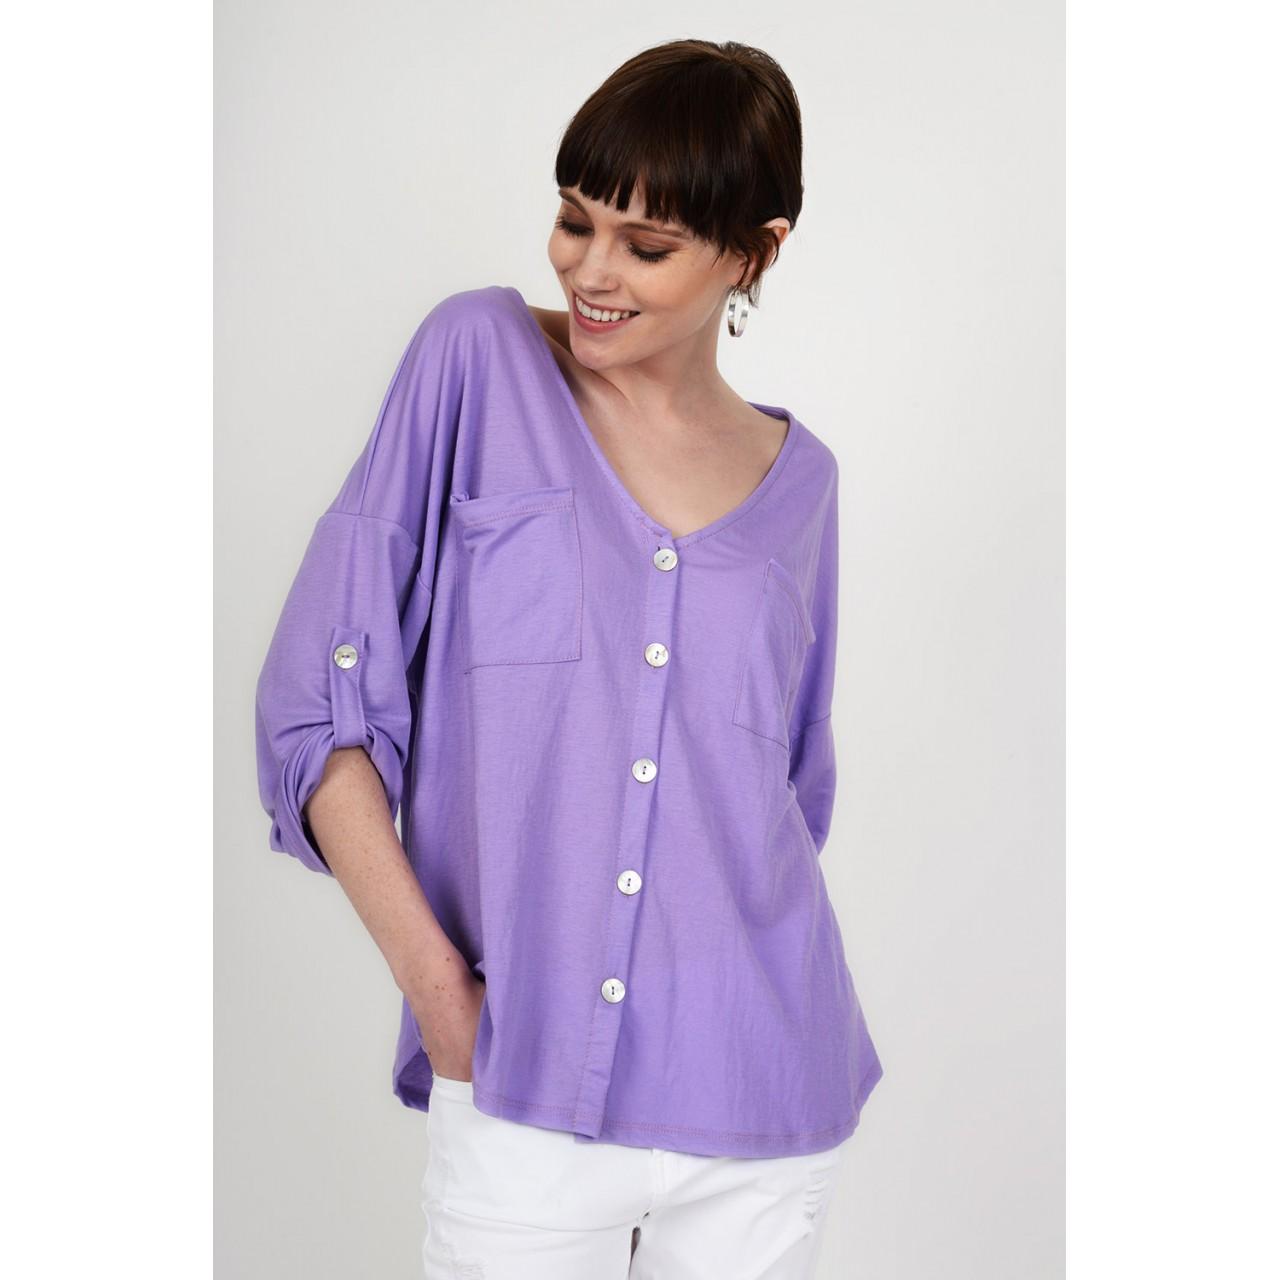 e83606582275 Oversized μπλούζα πουκαμίσα με κουμπιά